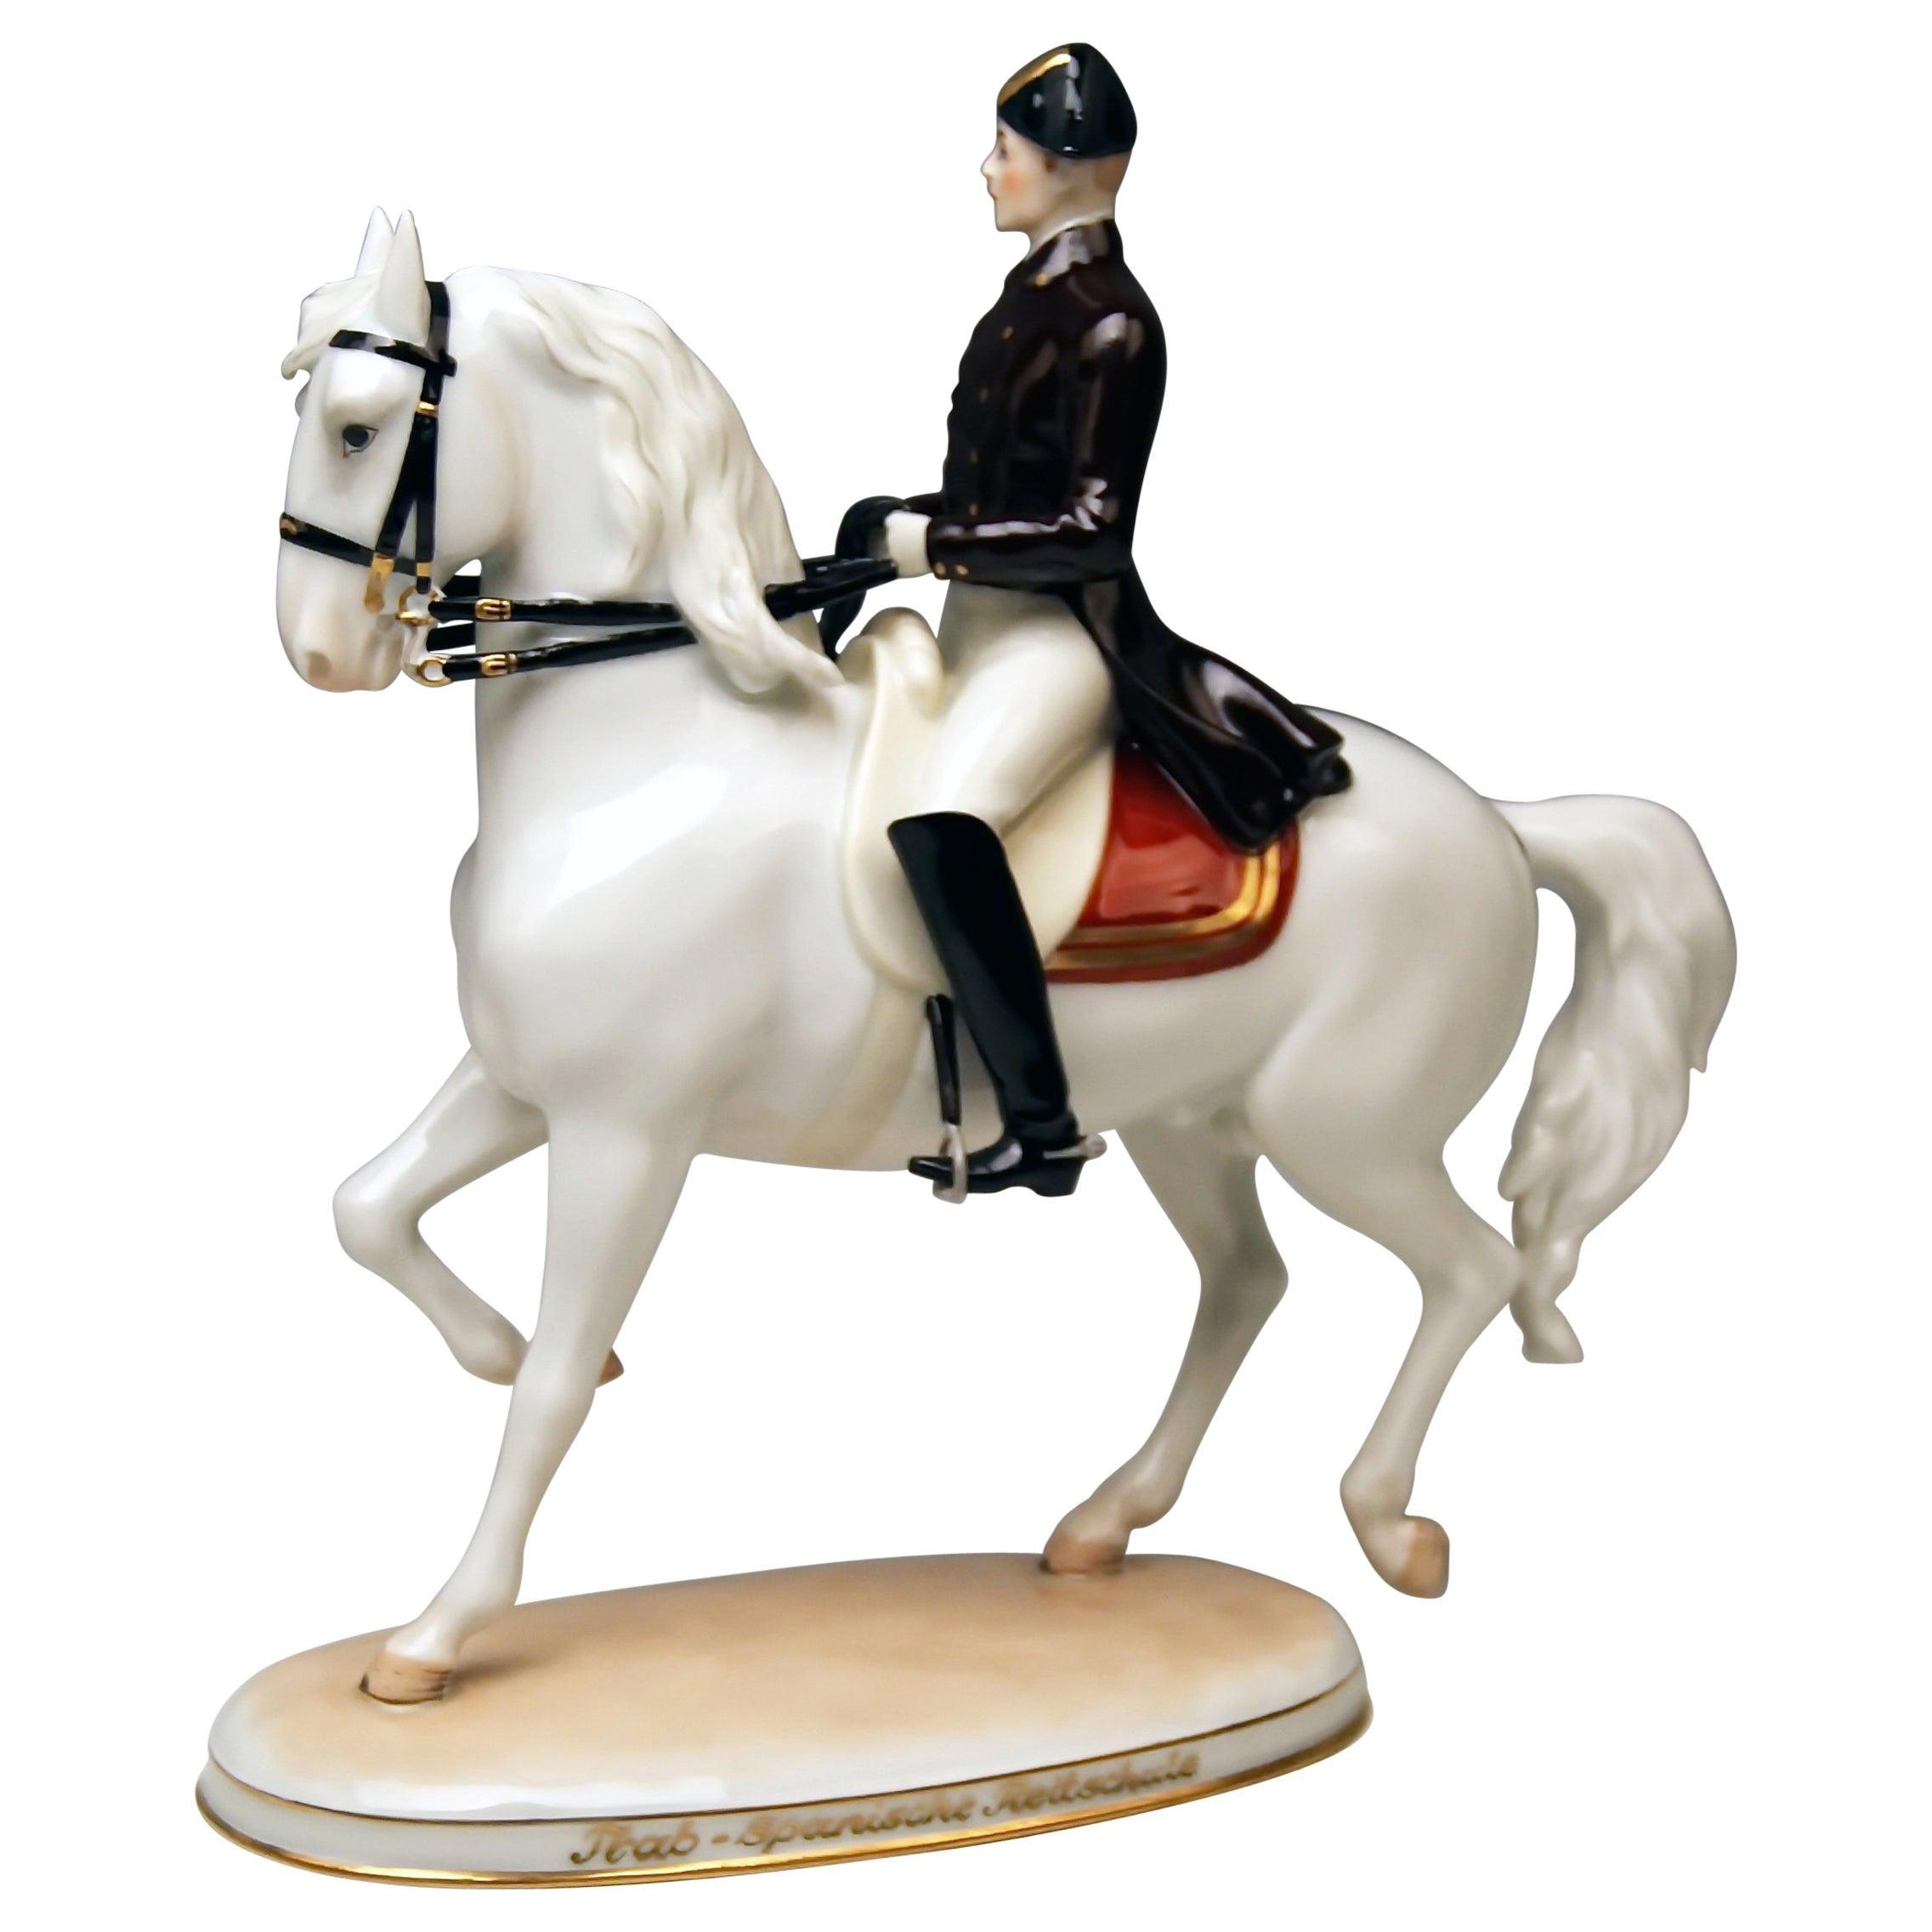 Vienna Augarten Horse Trab Albin Doebrich Model 1592 Spanish Riding School